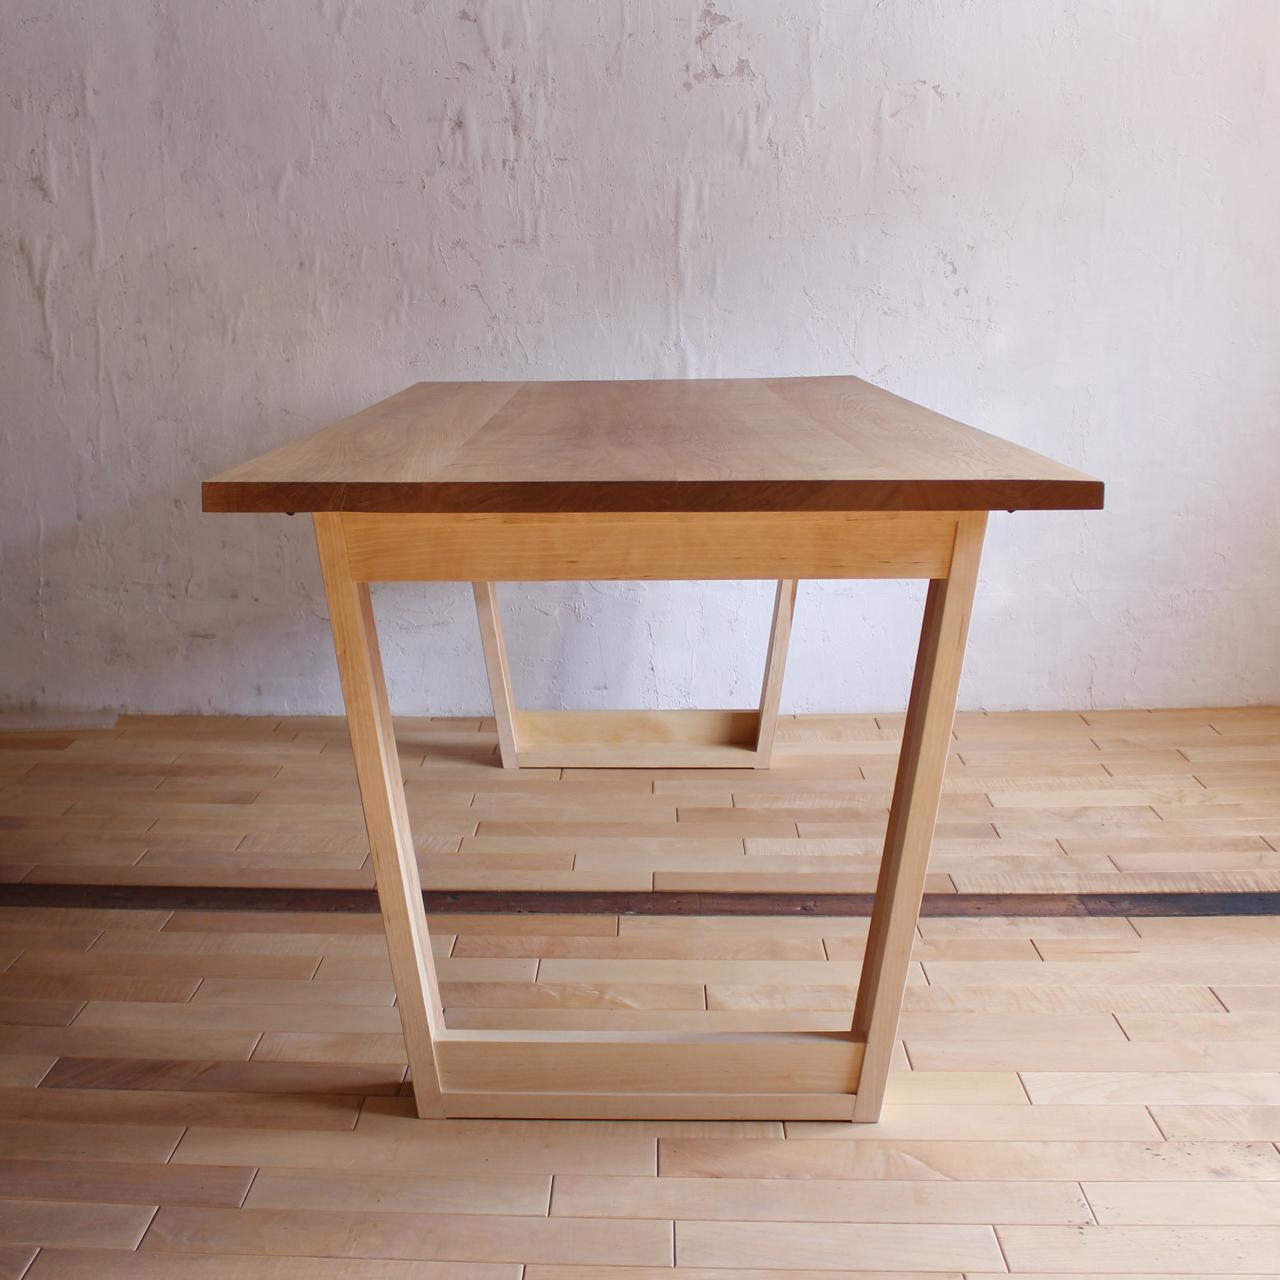 カバ材の箱脚テーブル